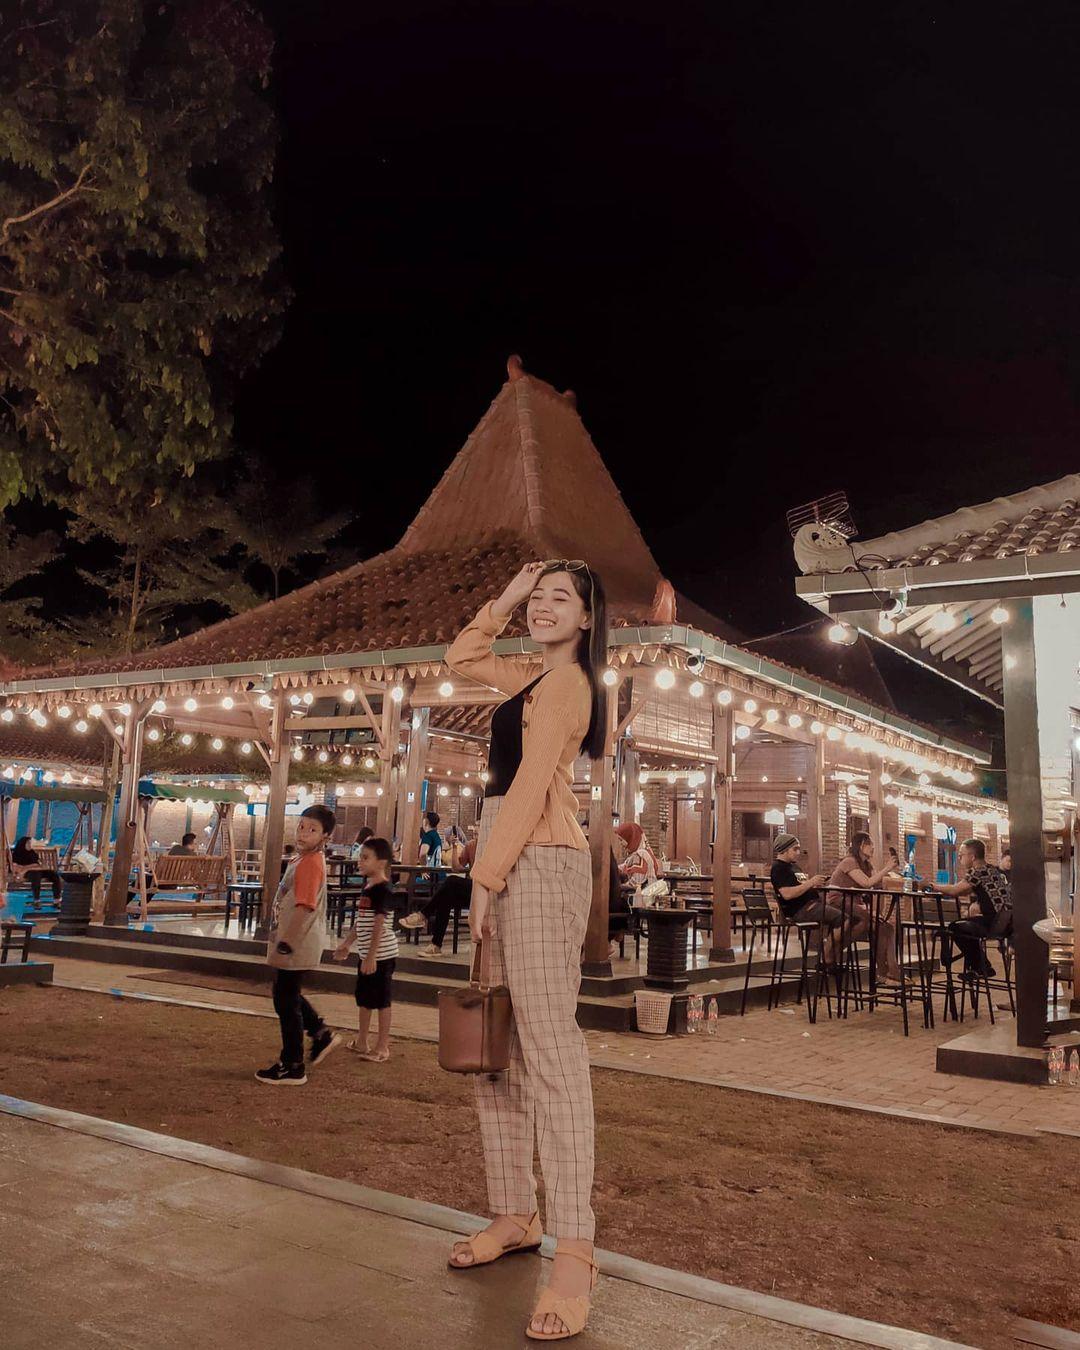 Wisata Kampung Kuliner Cilacap